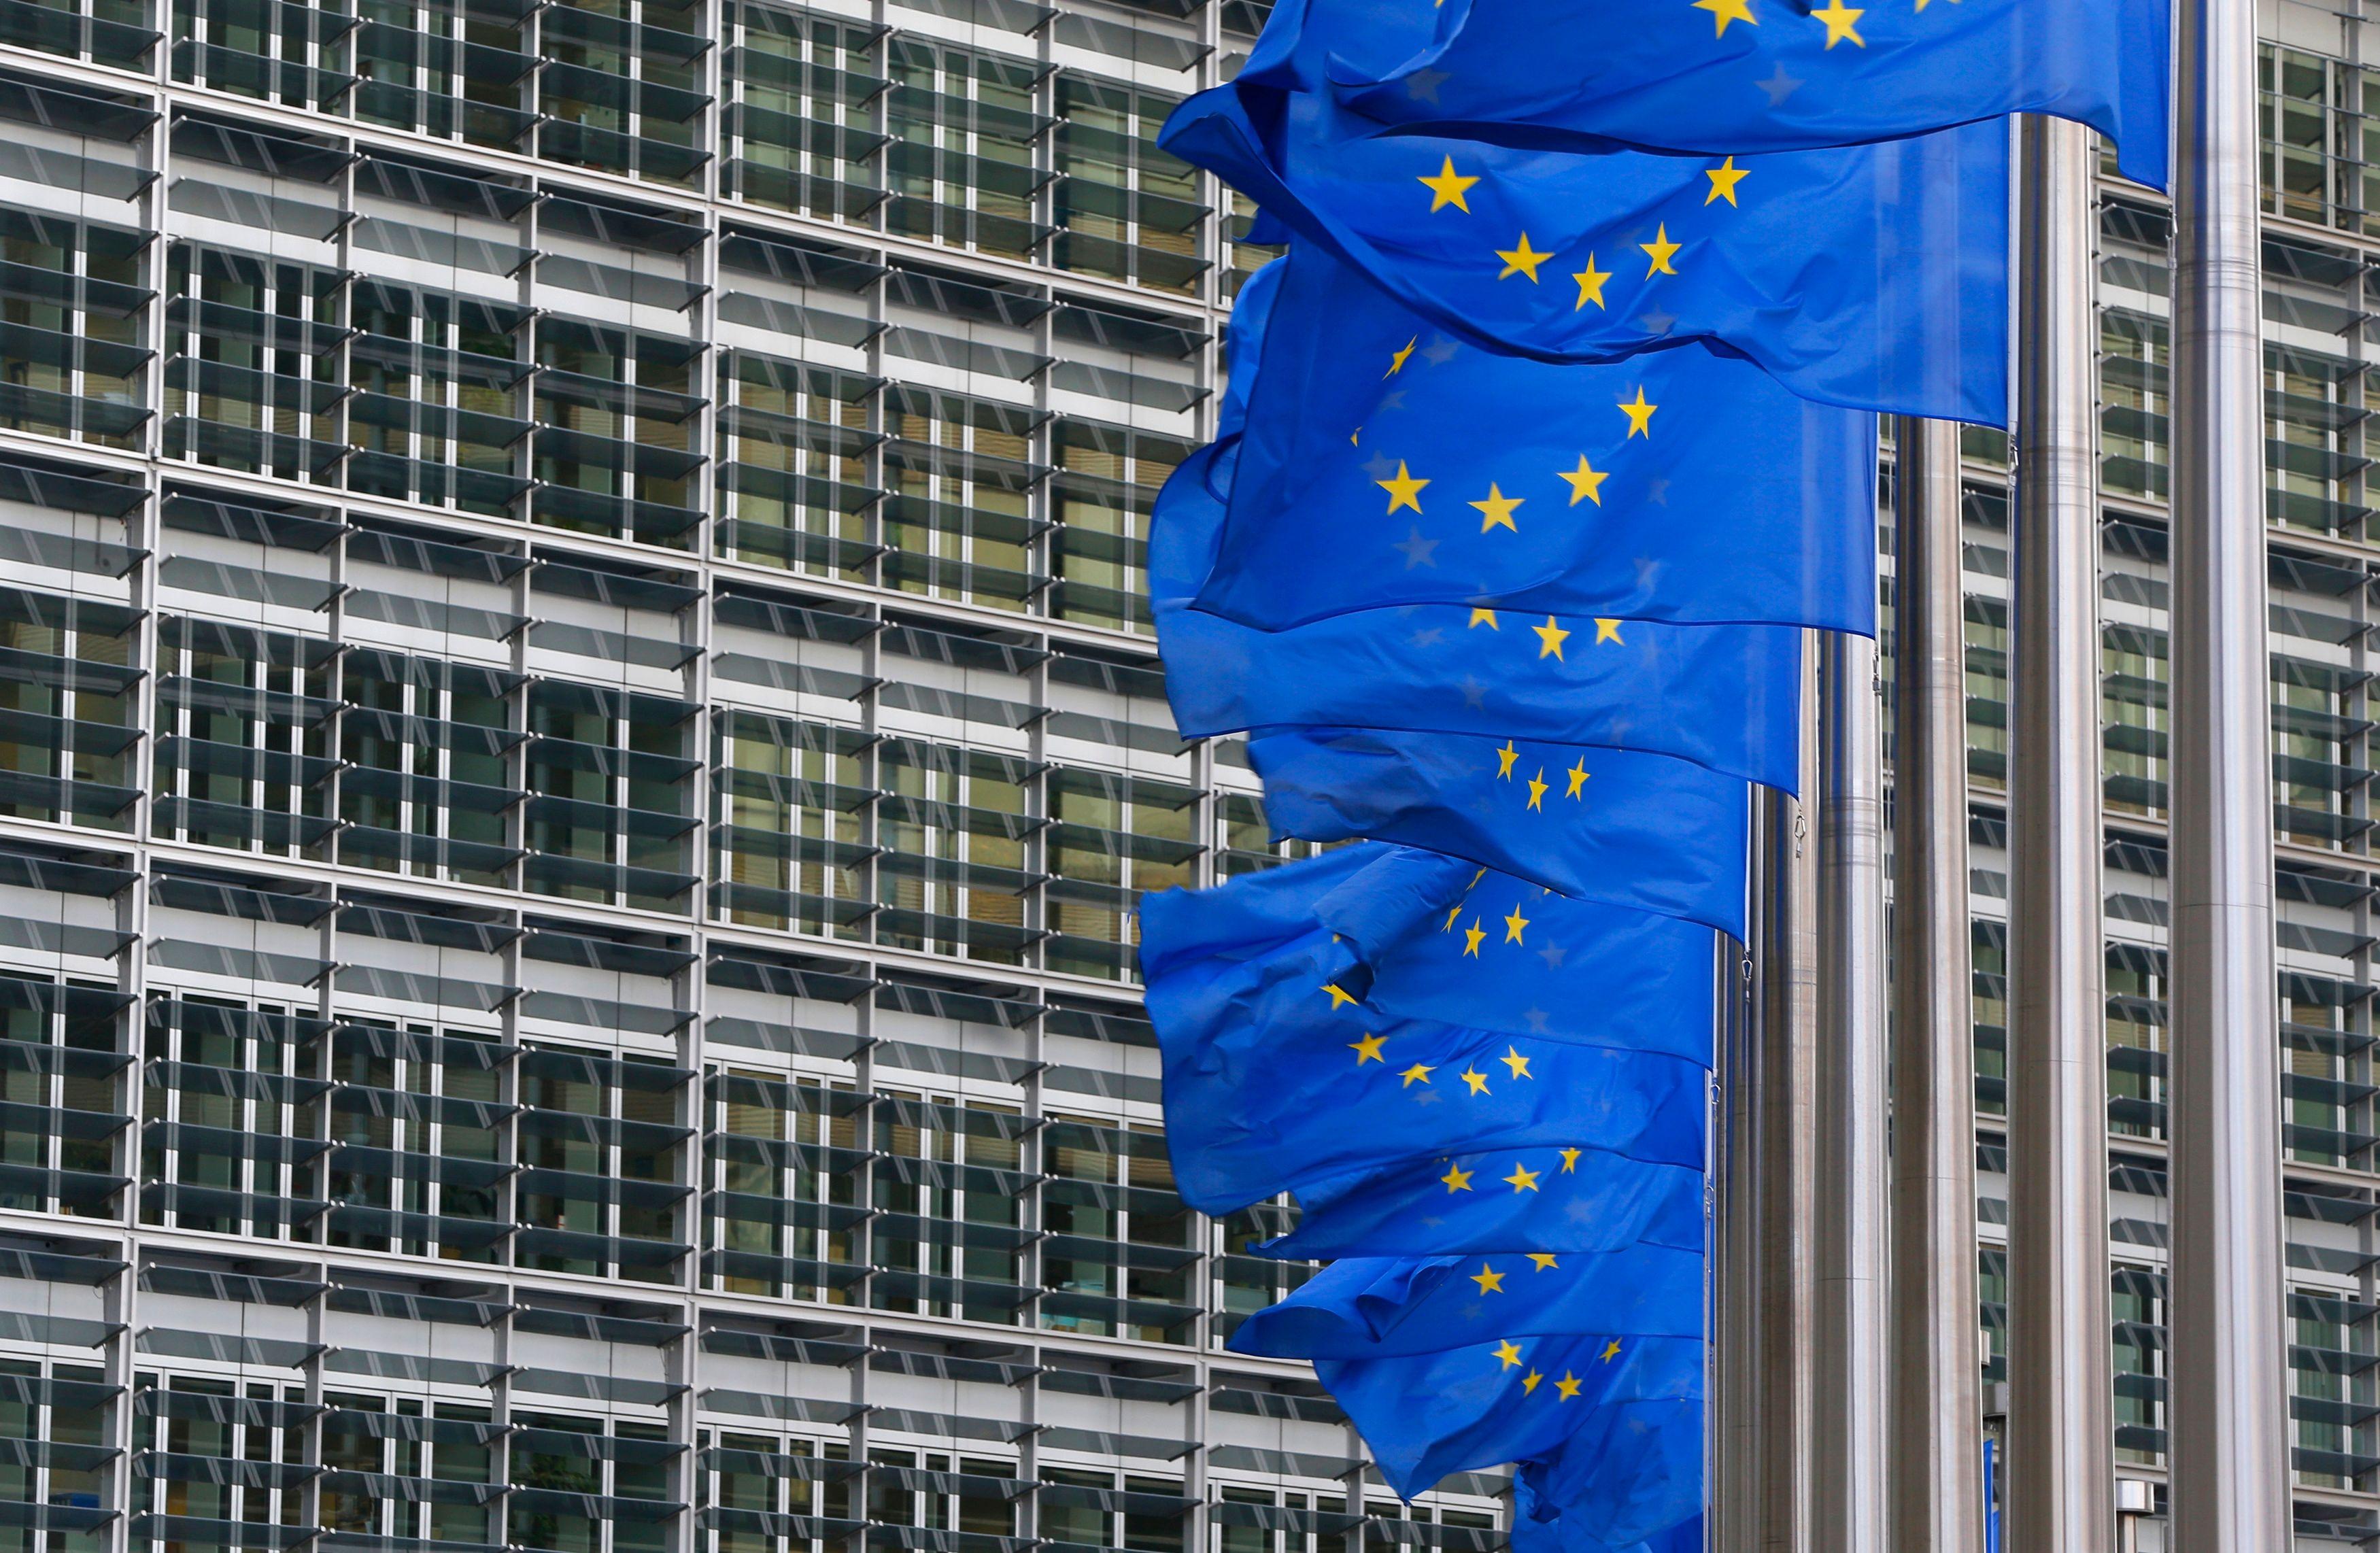 Les créances douteuses des banques en Europe s'élèvent à plus de 800 milliards, un chiffre qui a doublé en cinq ans